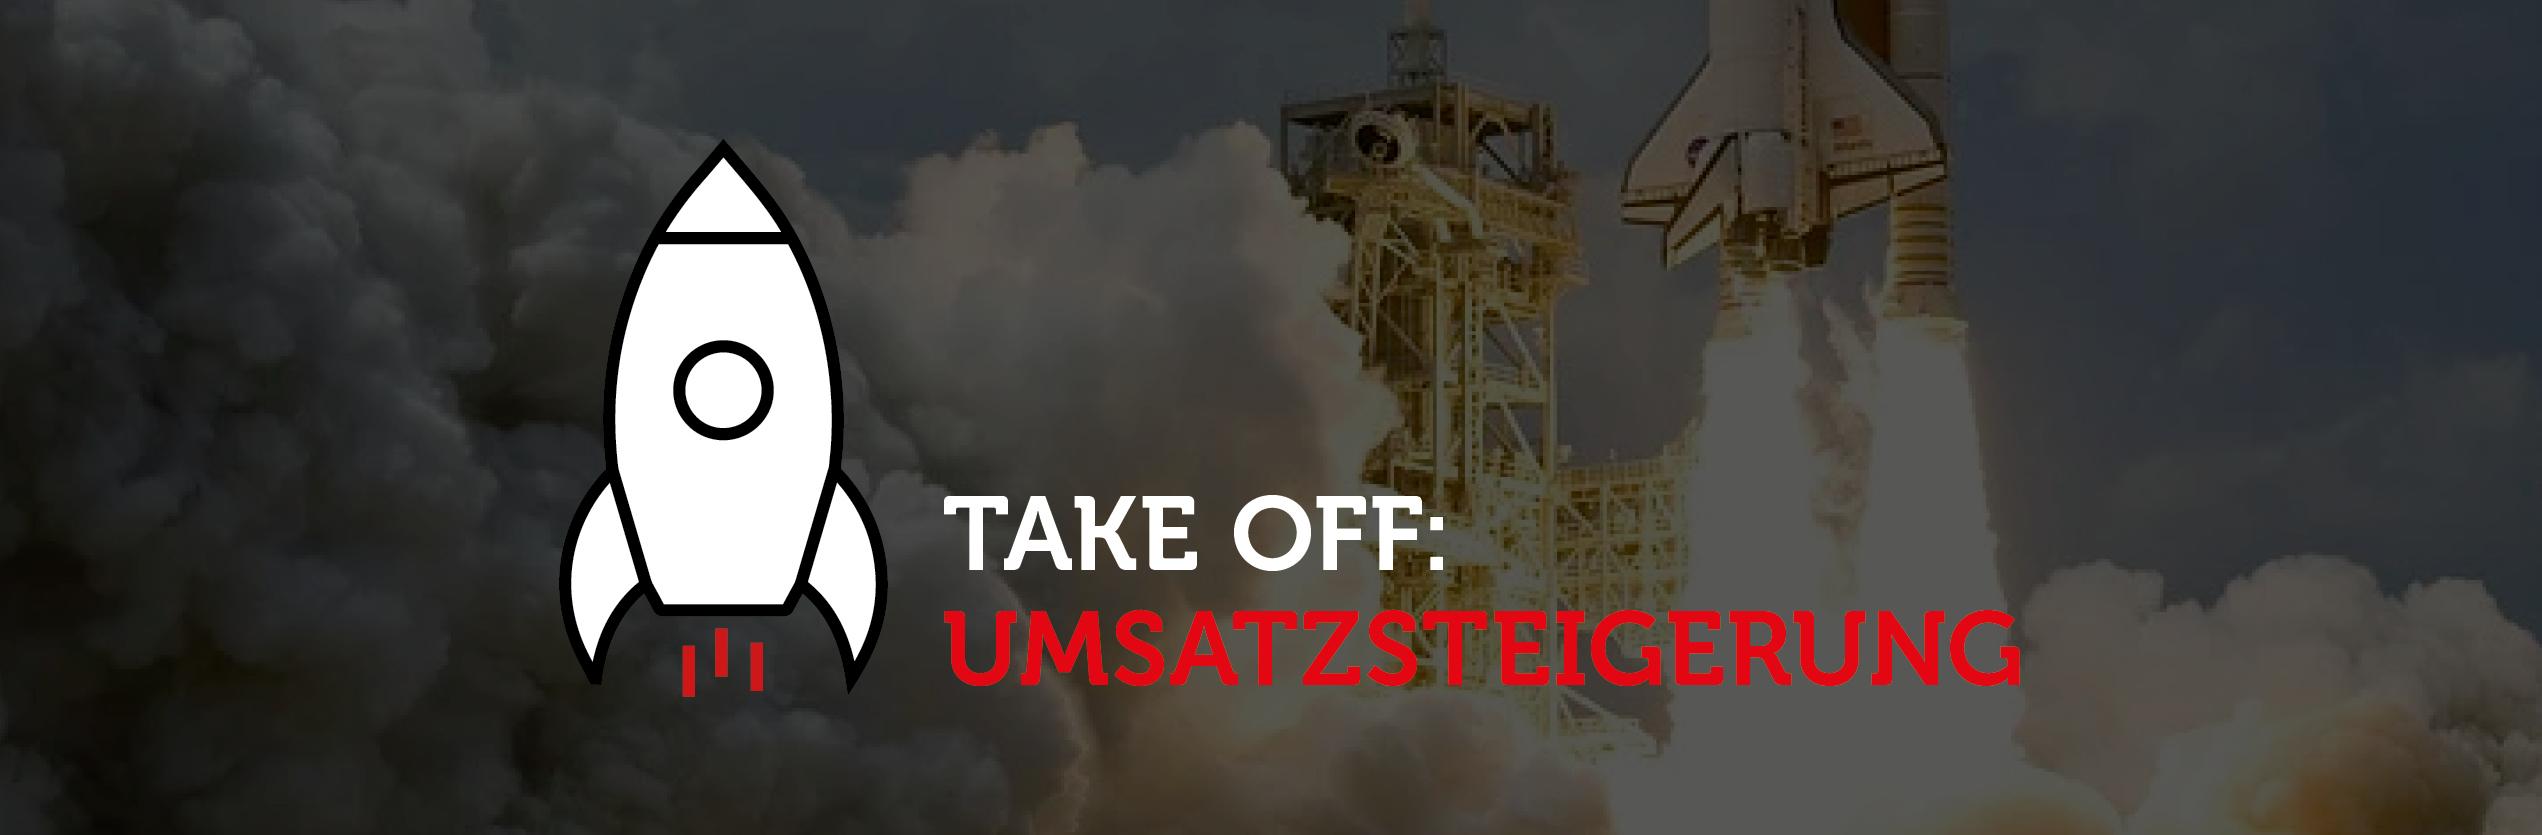 Blog Umsatzsteigerung Rakete